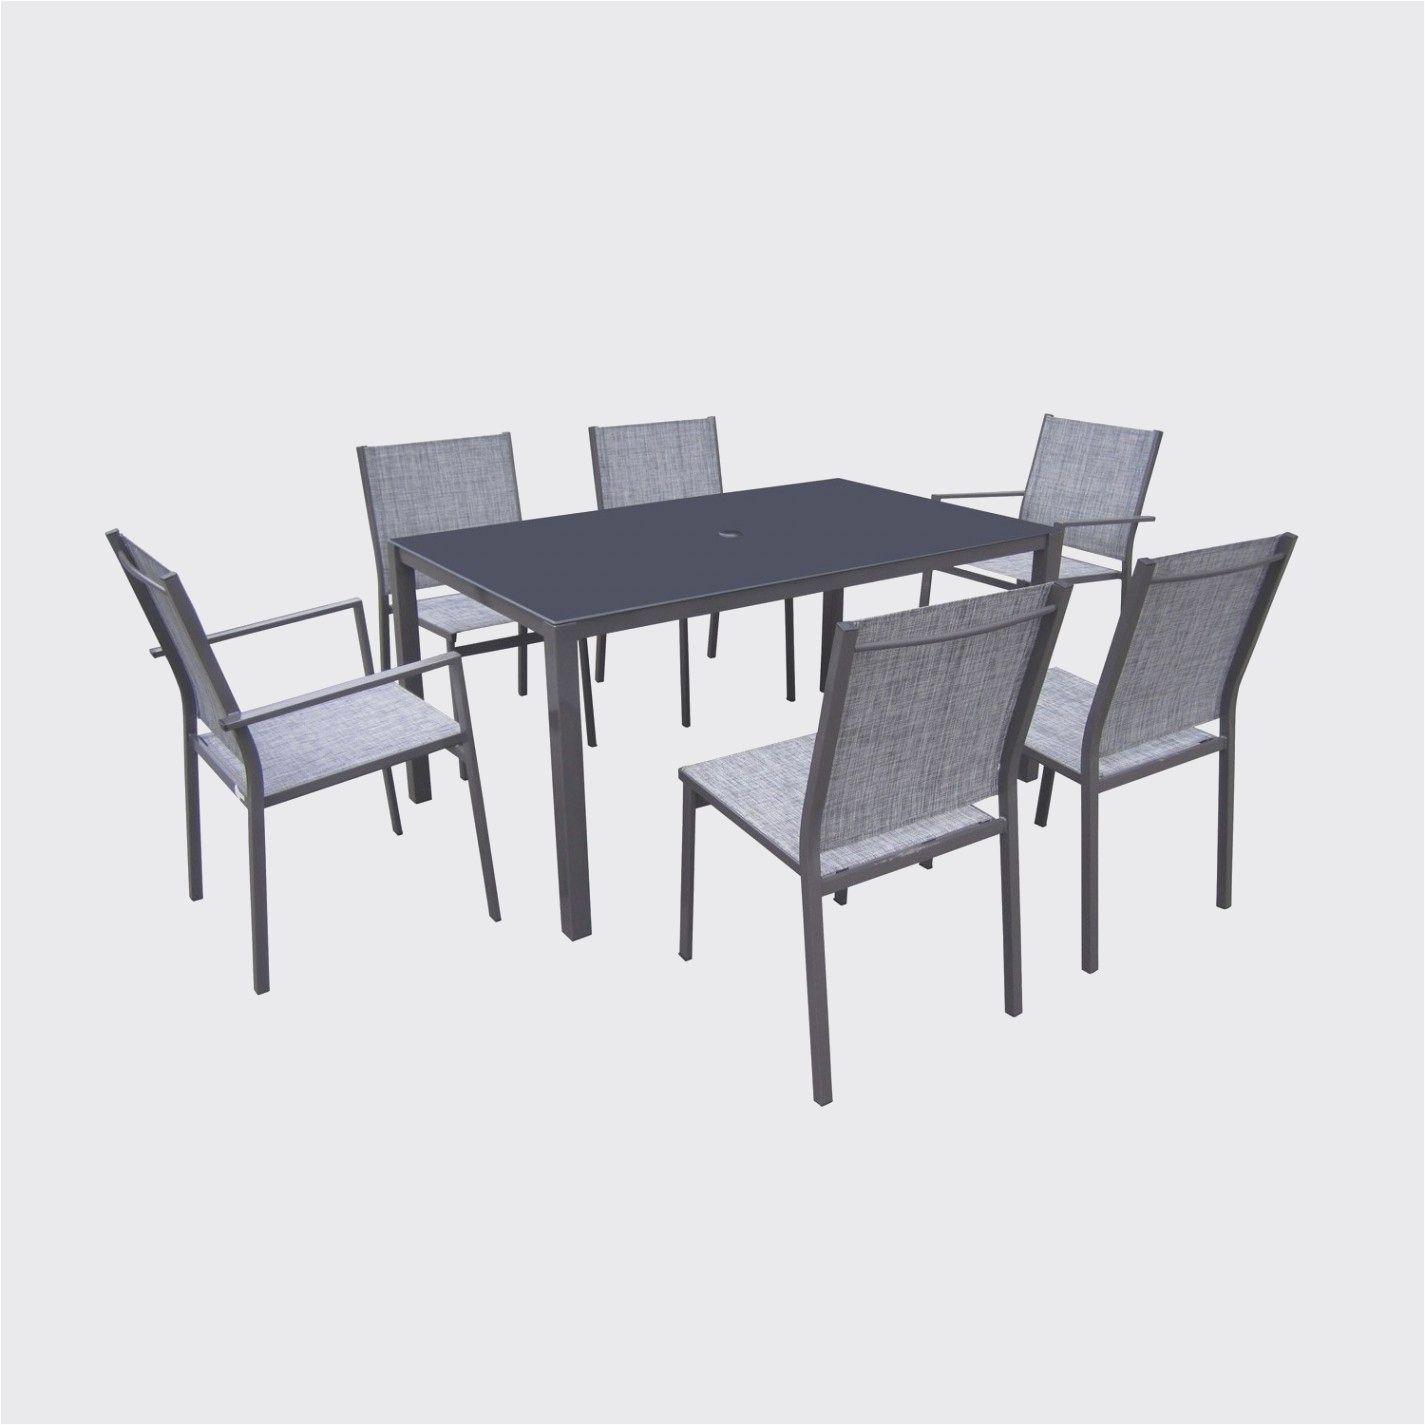 cdiscount table pliante jardin ainsi que ensemble table chaise jardin nouveau 23 frais chaise cdiscount table de cdiscount table pliante jardin